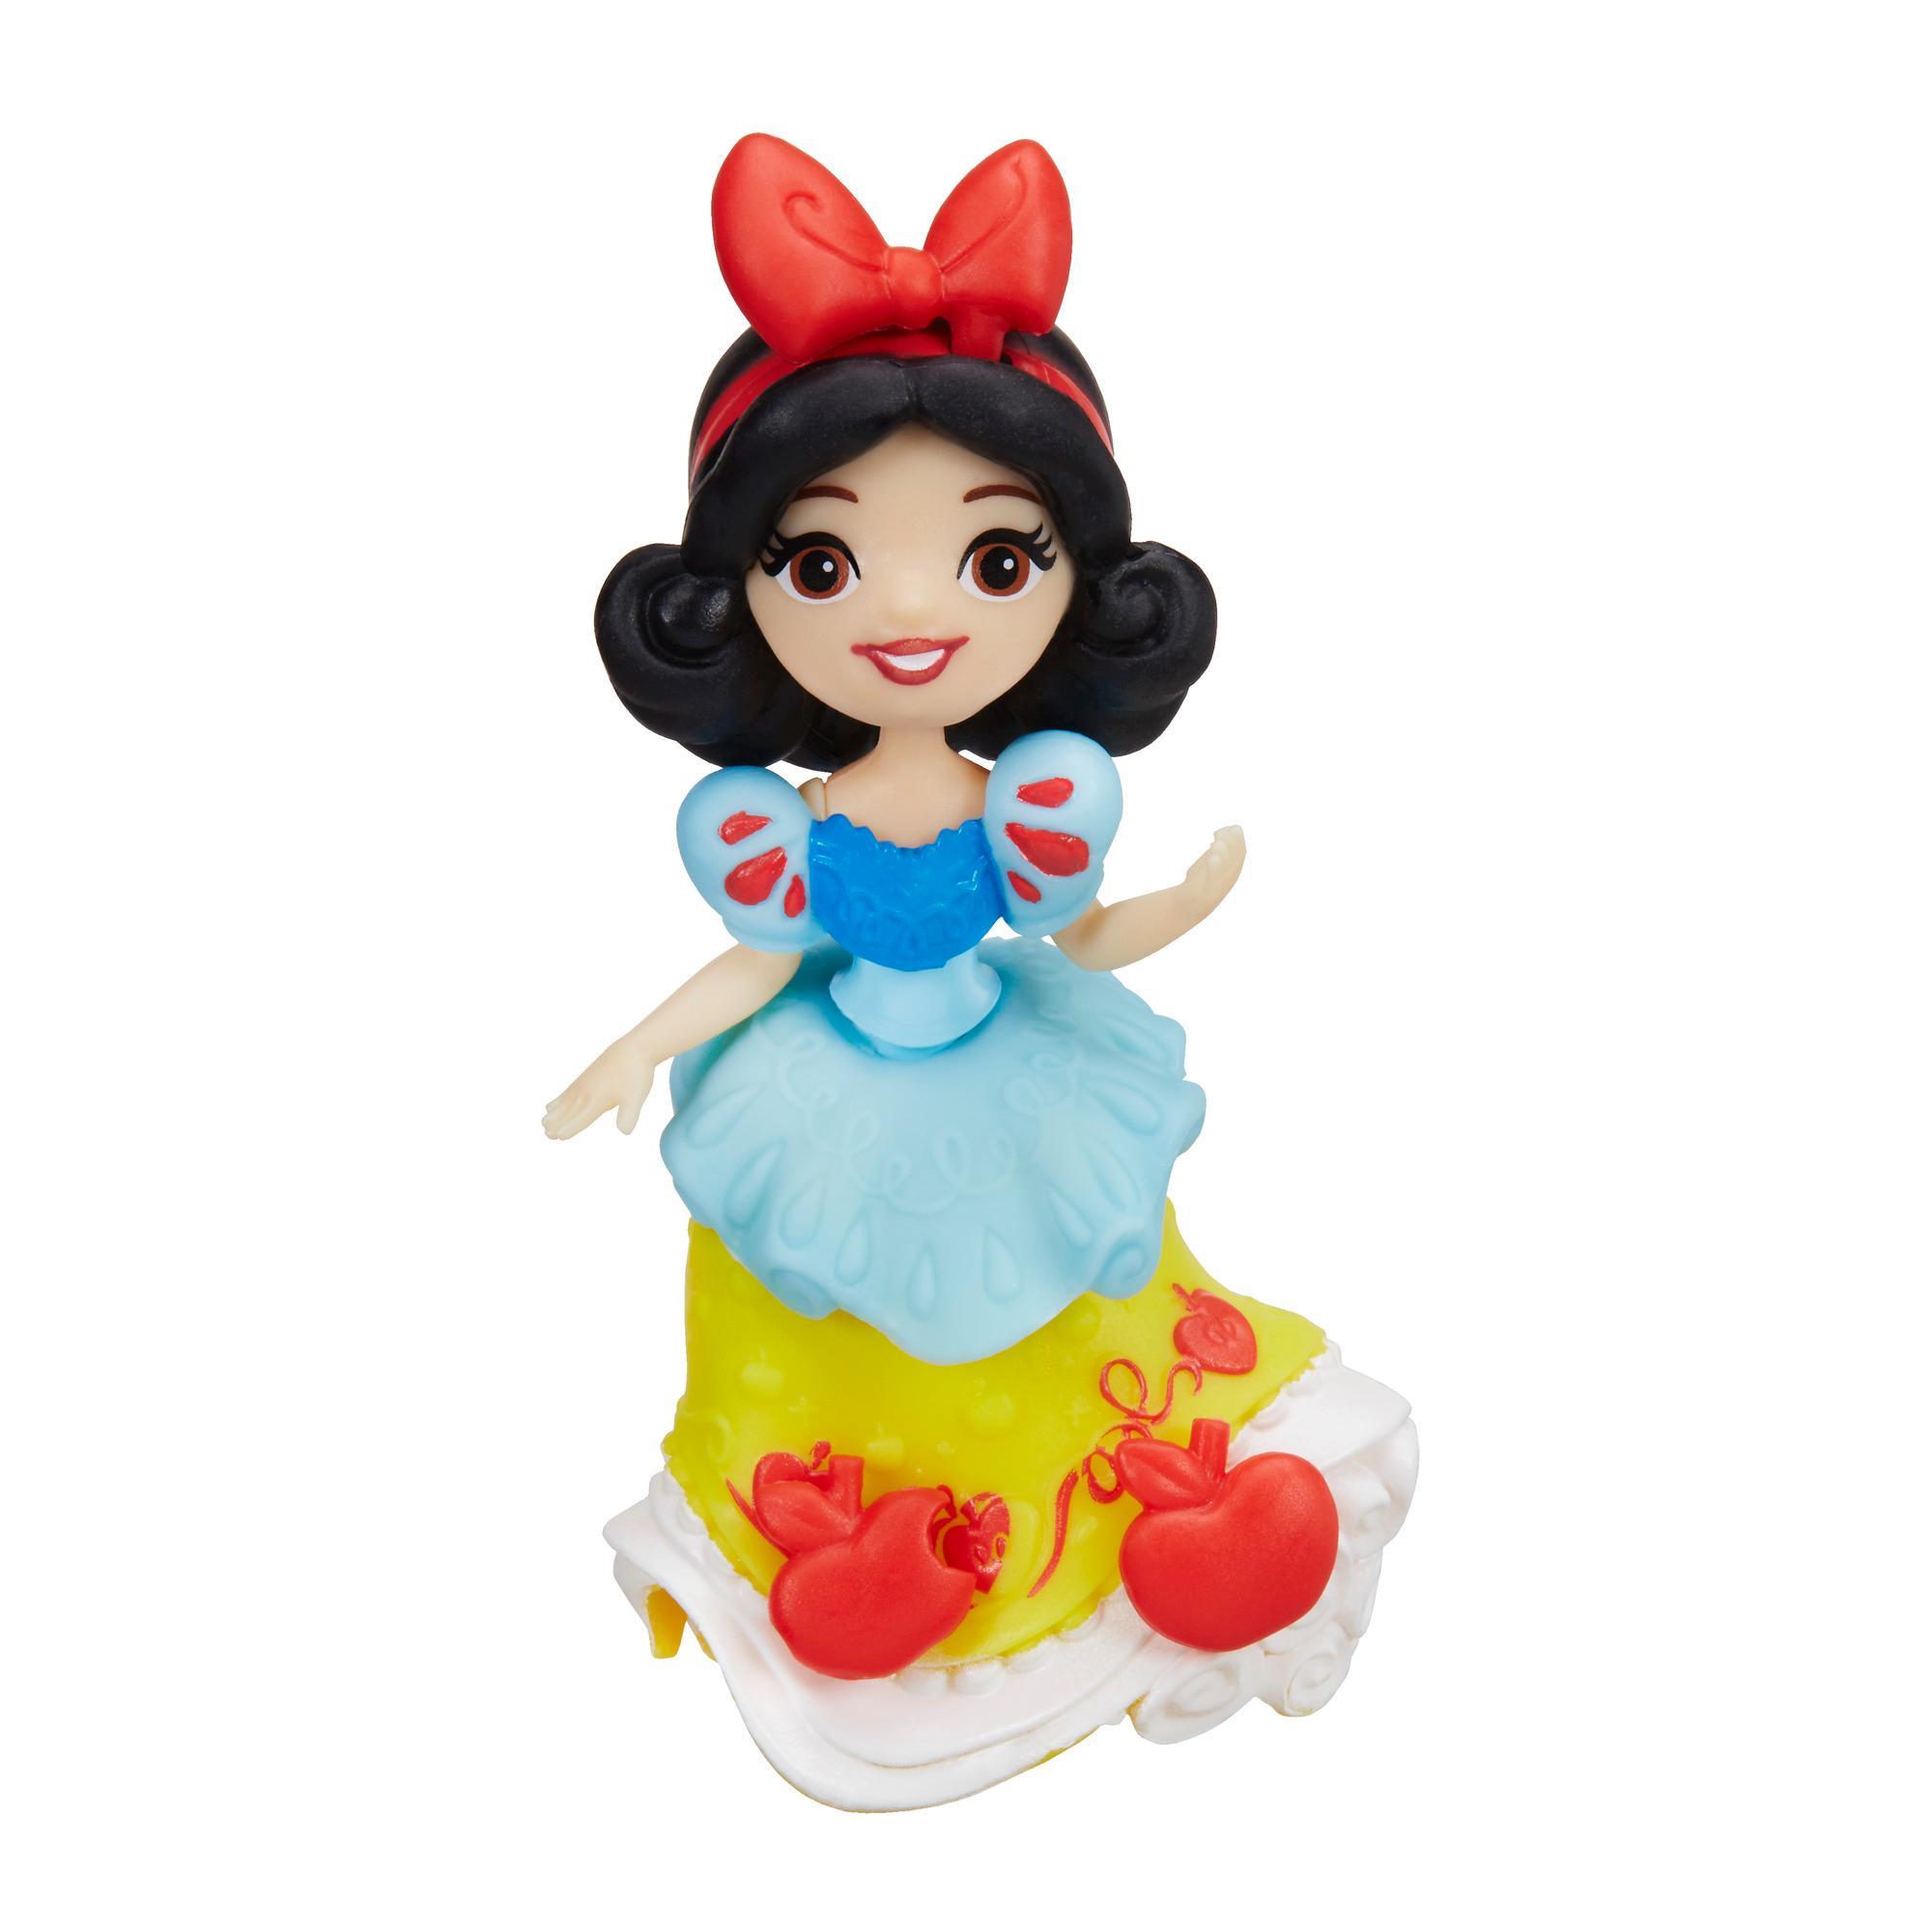 Blancanieves clásica Pequeño Reino Disney Princess